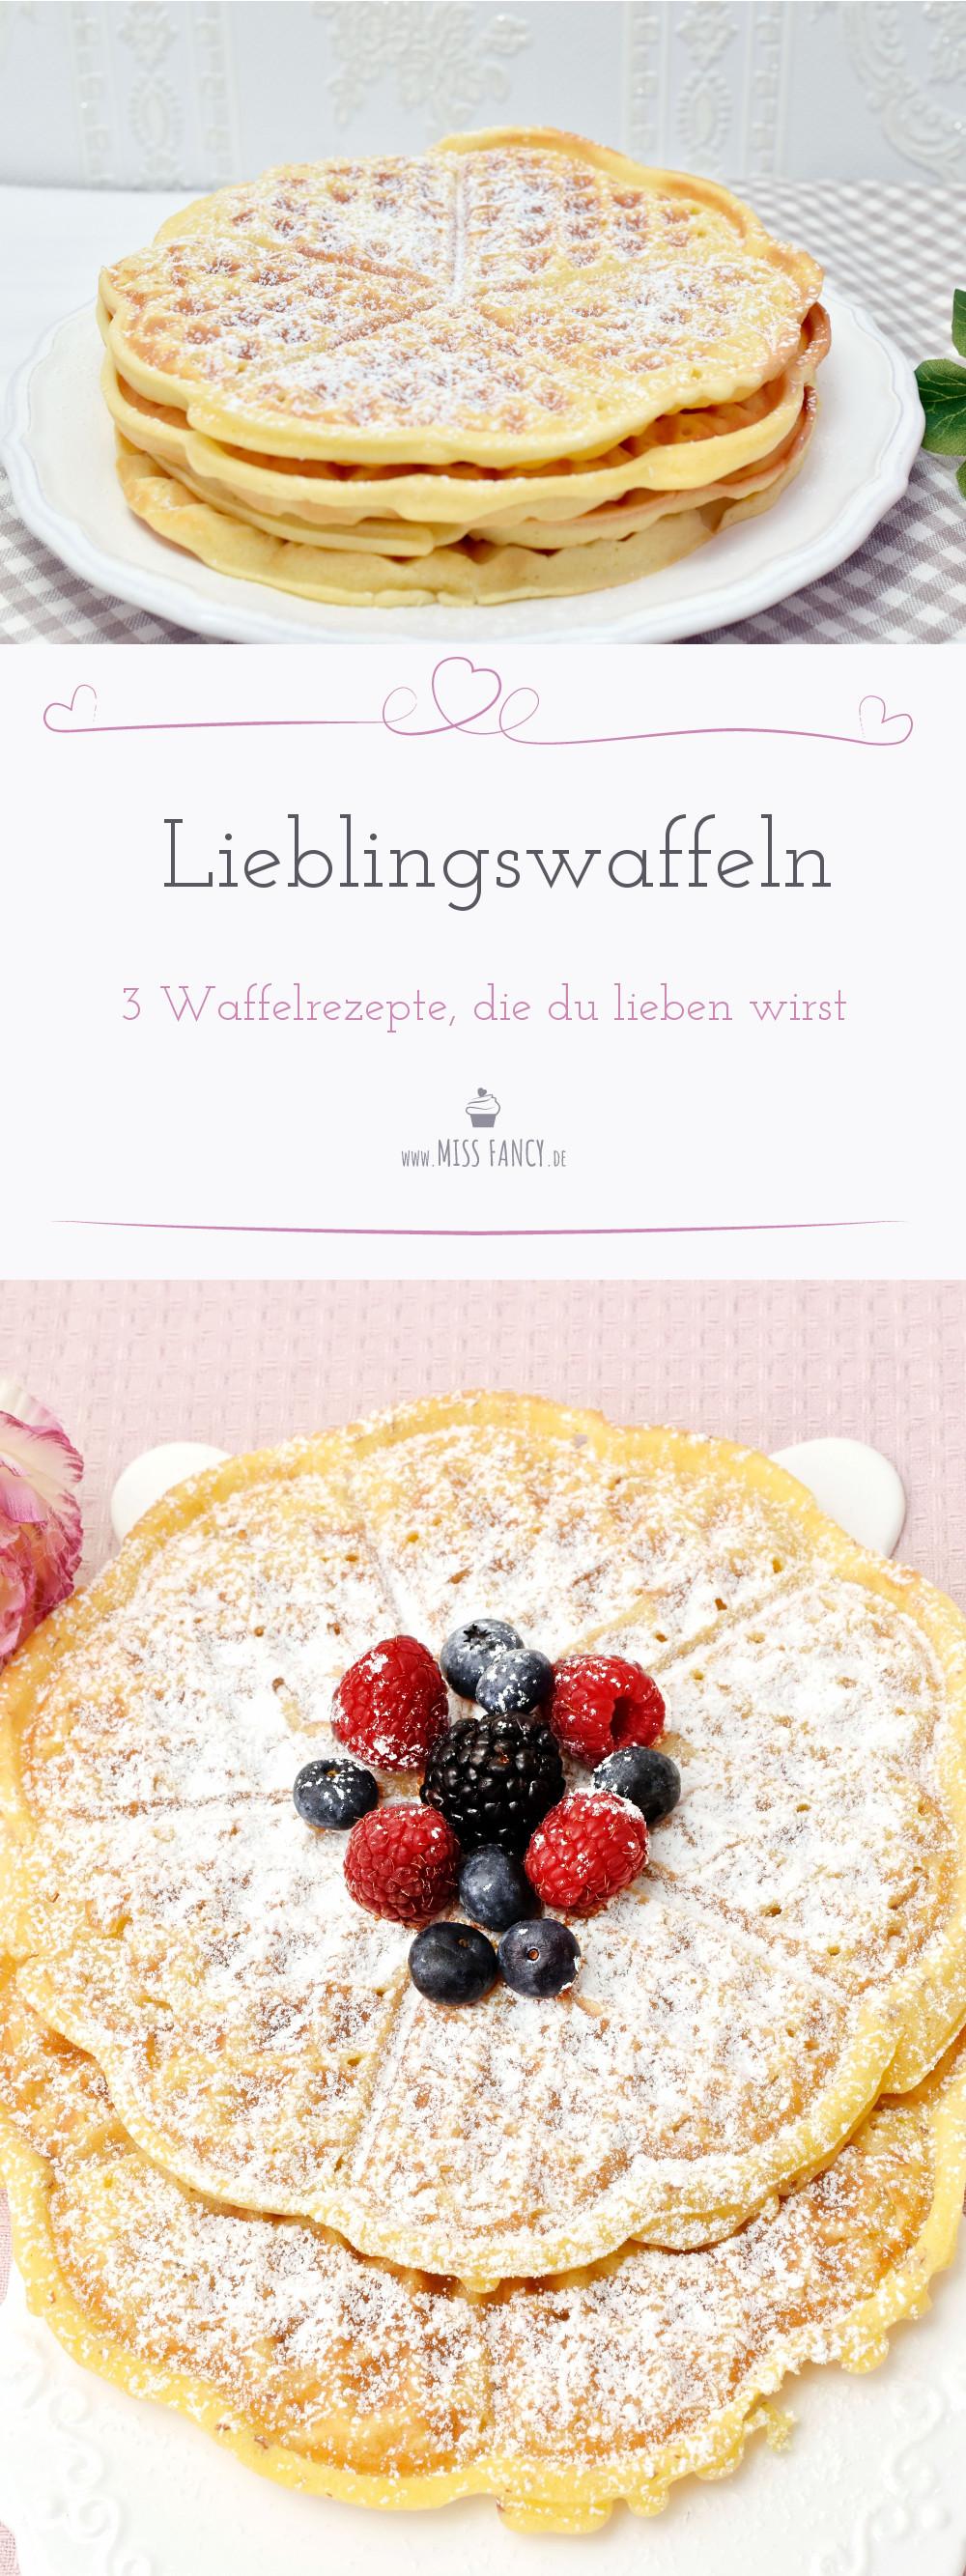 Rezept-waffeln-lieblingsrezepte